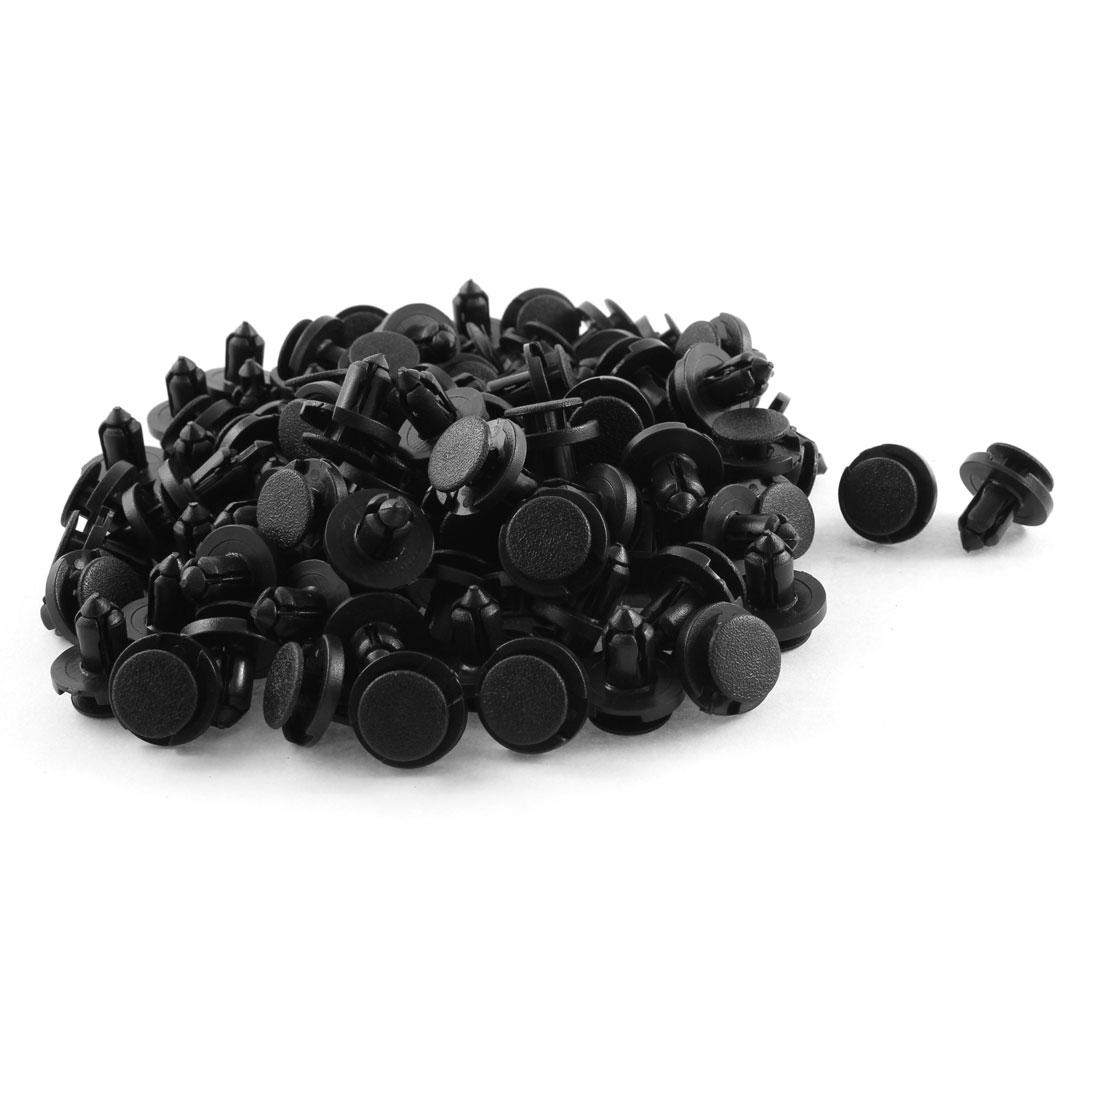 100 Pcs Black Plastic Splash Guard Fastener Rivet Clips 7mm x 13mm x 17mm